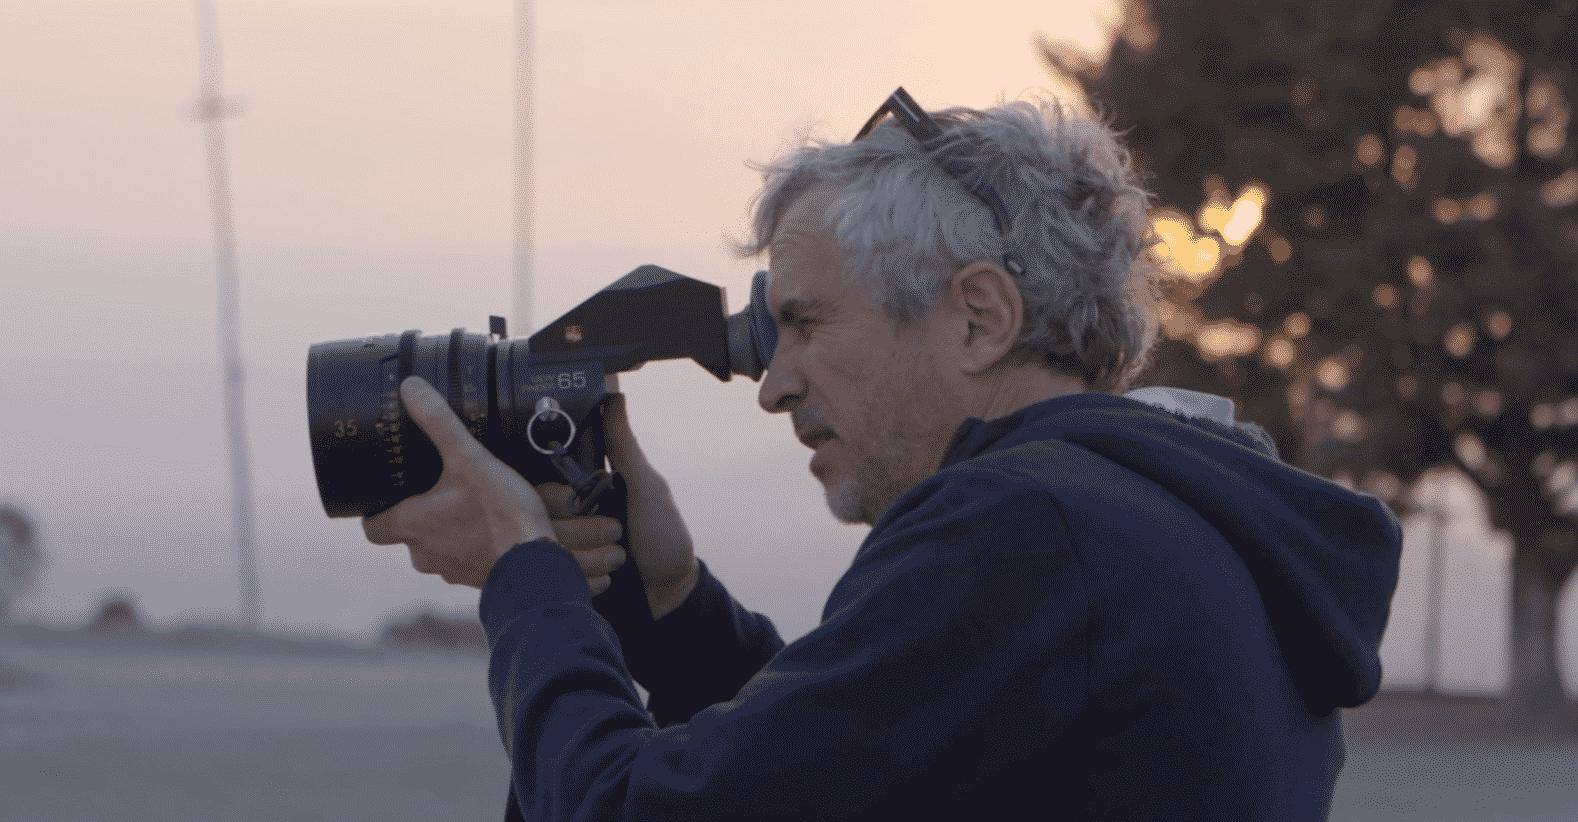 Roma de Alfonso Cuarón obtiene sinopsis oficial y premiere en el NYFF en octubre